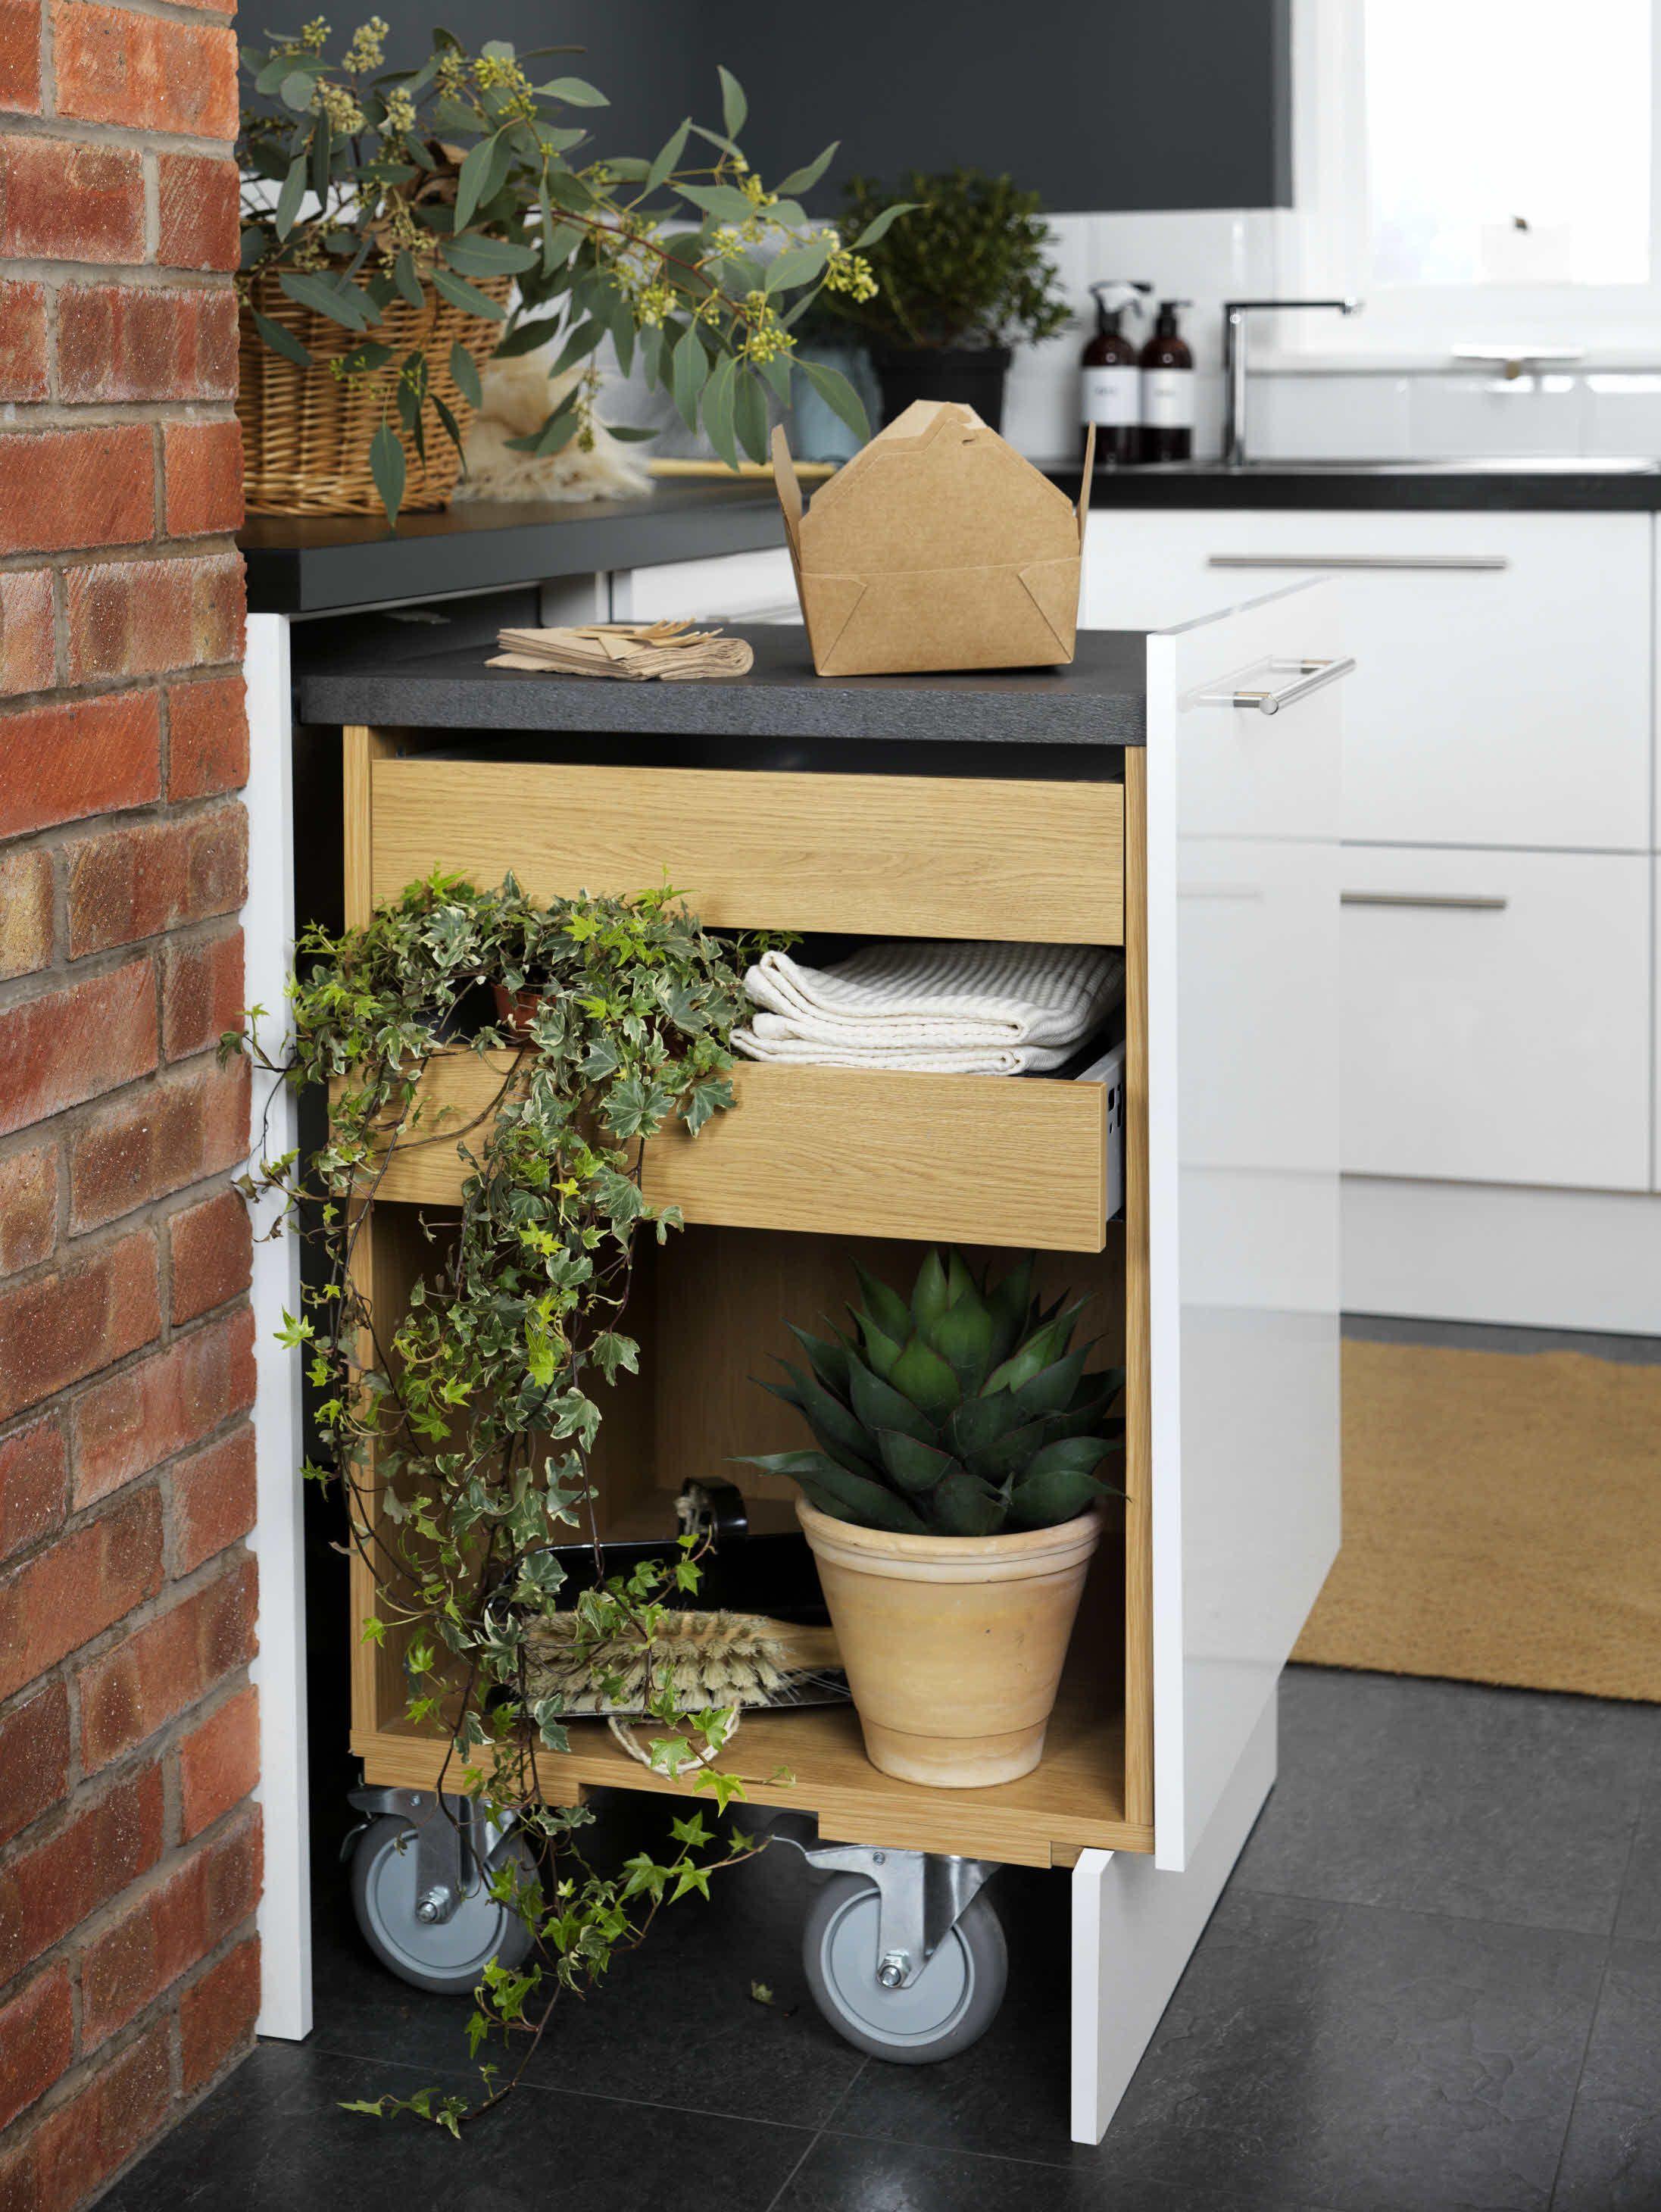 ausziehbarer schrank k che ausziehbare arbeitsfl che k che kleine tischgruppe f r k che. Black Bedroom Furniture Sets. Home Design Ideas